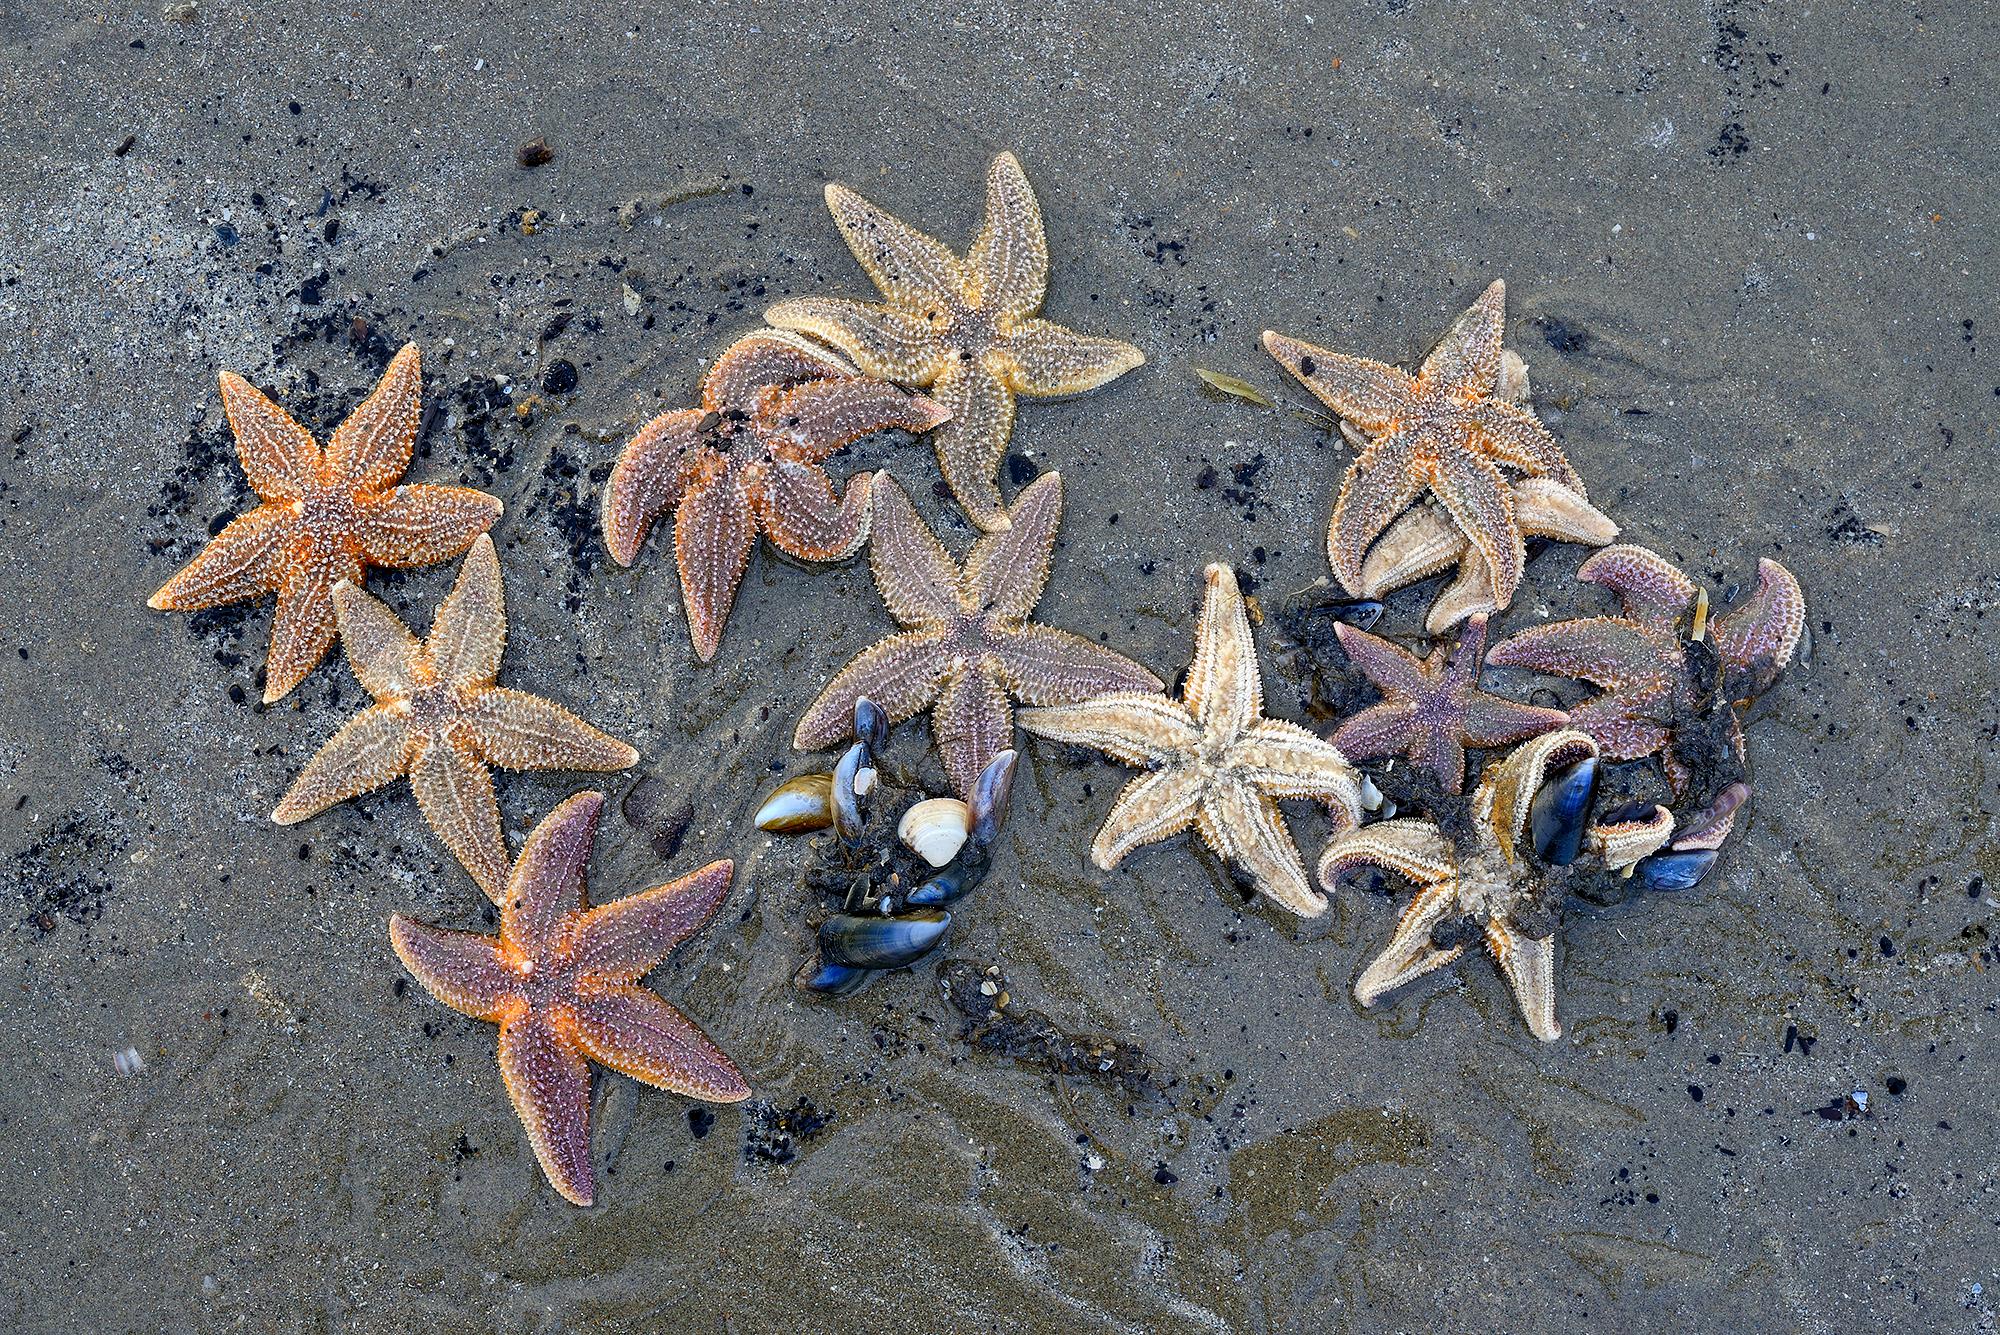 Aangespoelde zeesterren (Asterias rubens) langs de vloedlijn na een winterstorm op het strand van Wijk aan Zee.